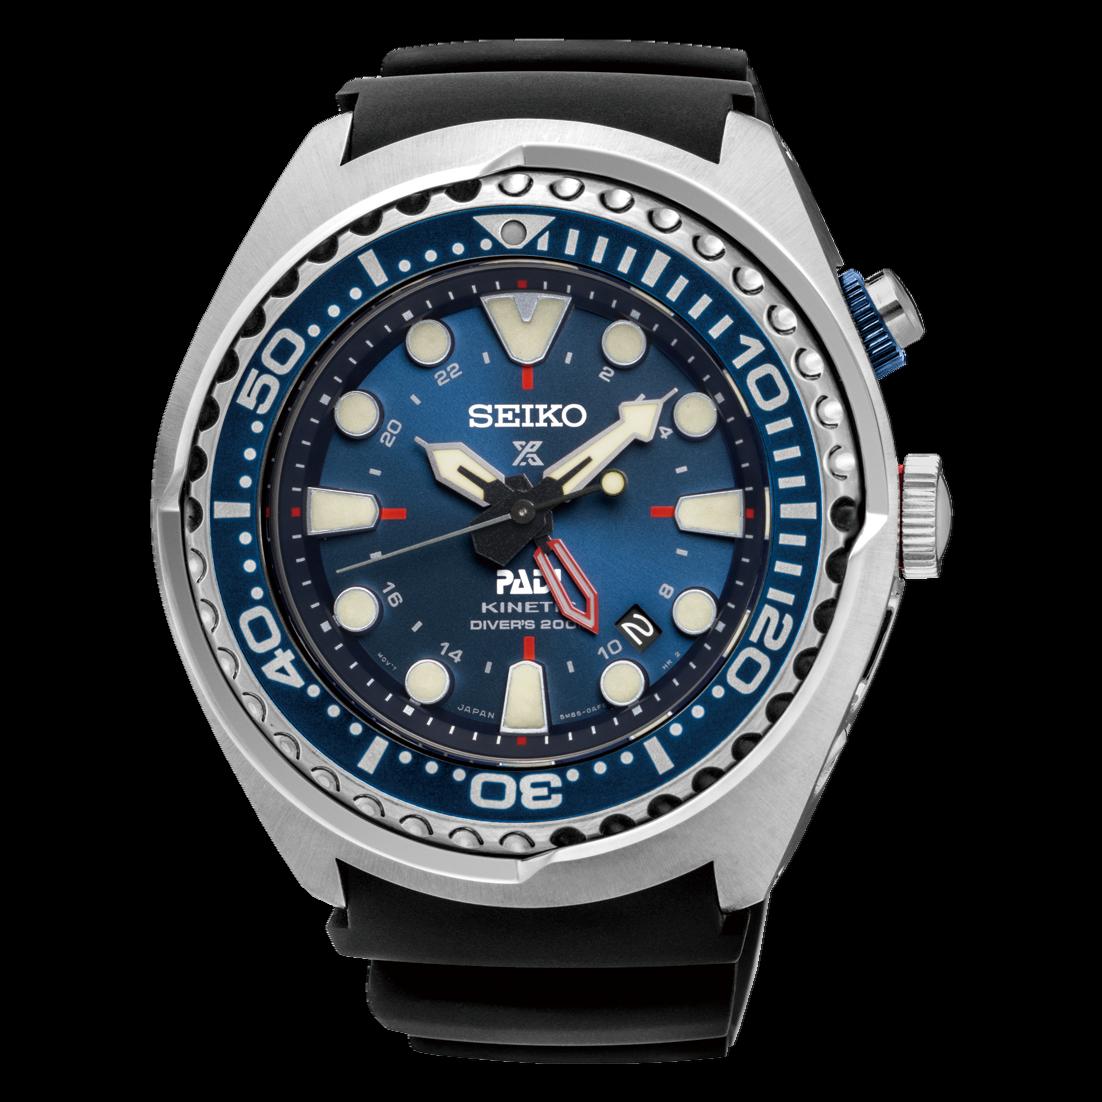 """Seiko Prospex Kinetic GMT Diver's """"PADI"""" Edition SUN065P1 Men's Watch"""